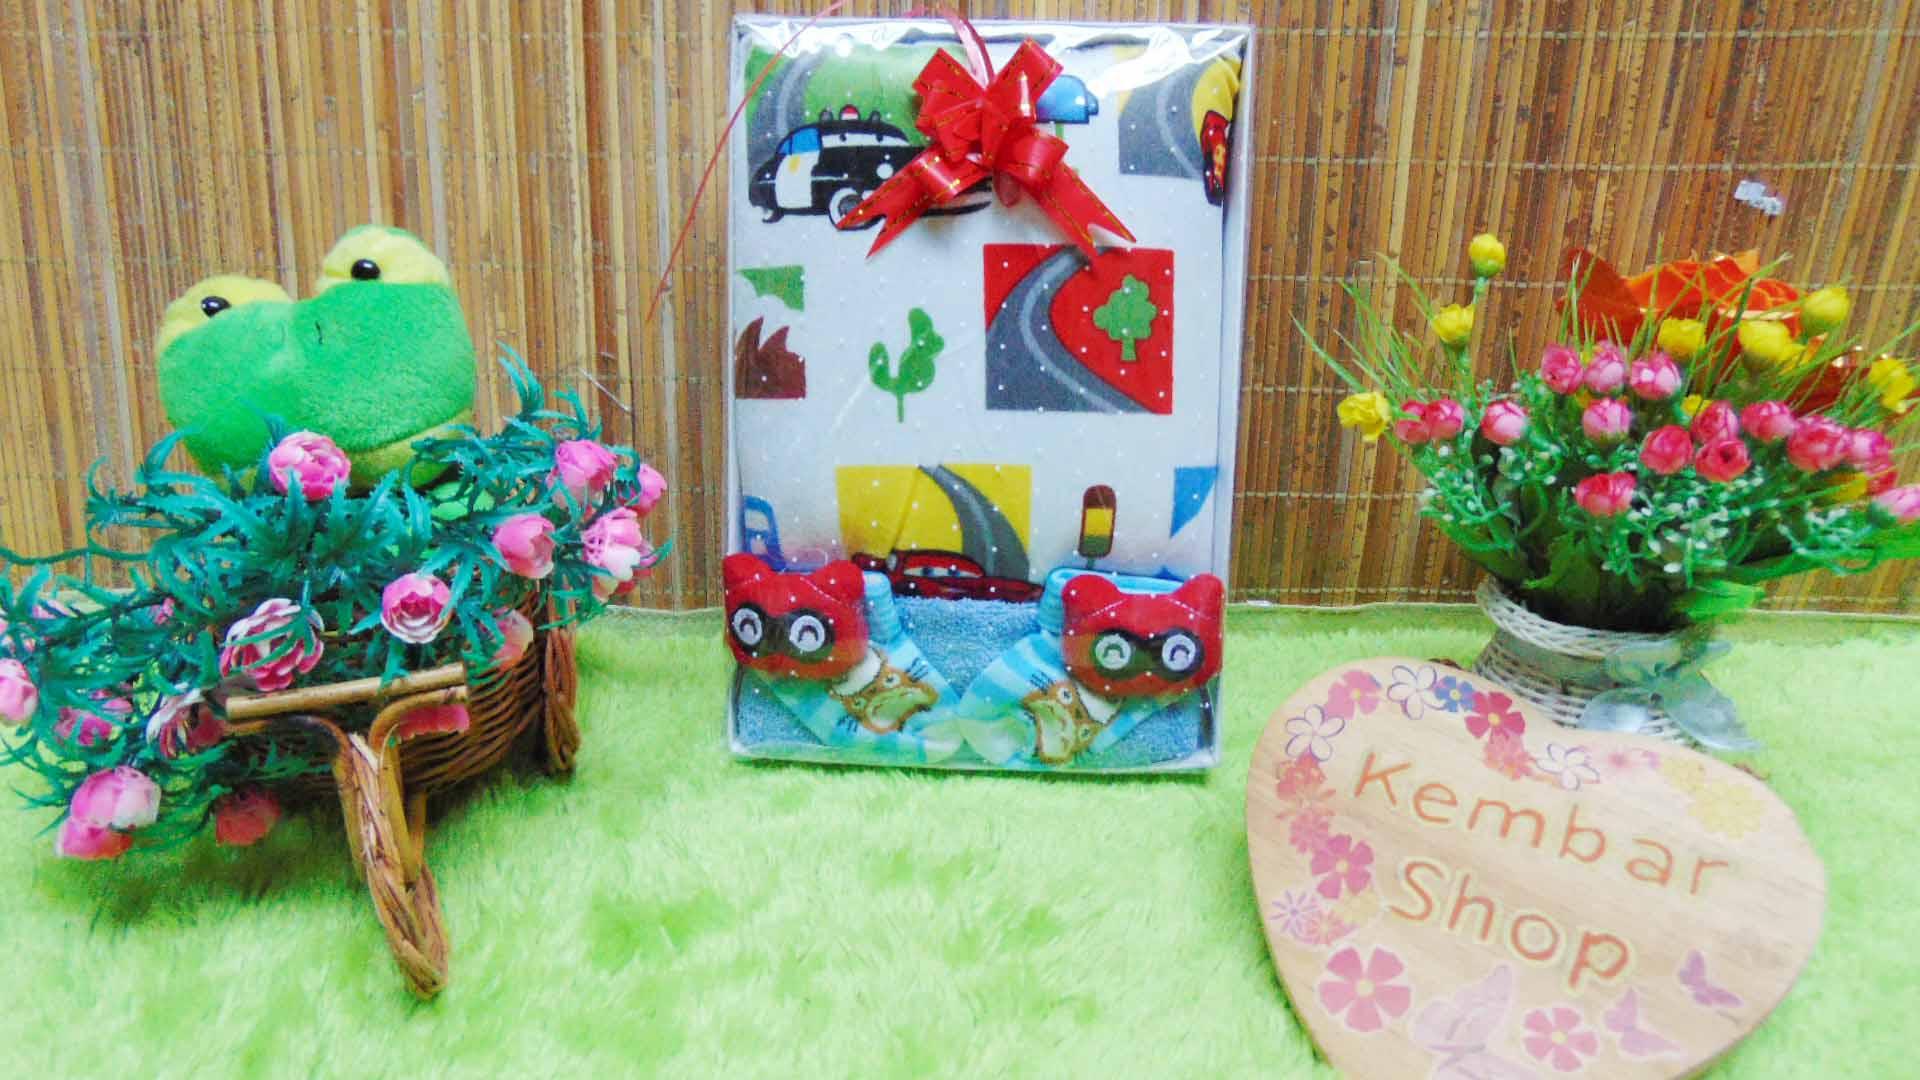 FREE KARTU UCAPAN Kado Lahiran Paket Kado Bayi Baby Gift Box Selimut Carter Plus Baby Sock BOY Acak (2)